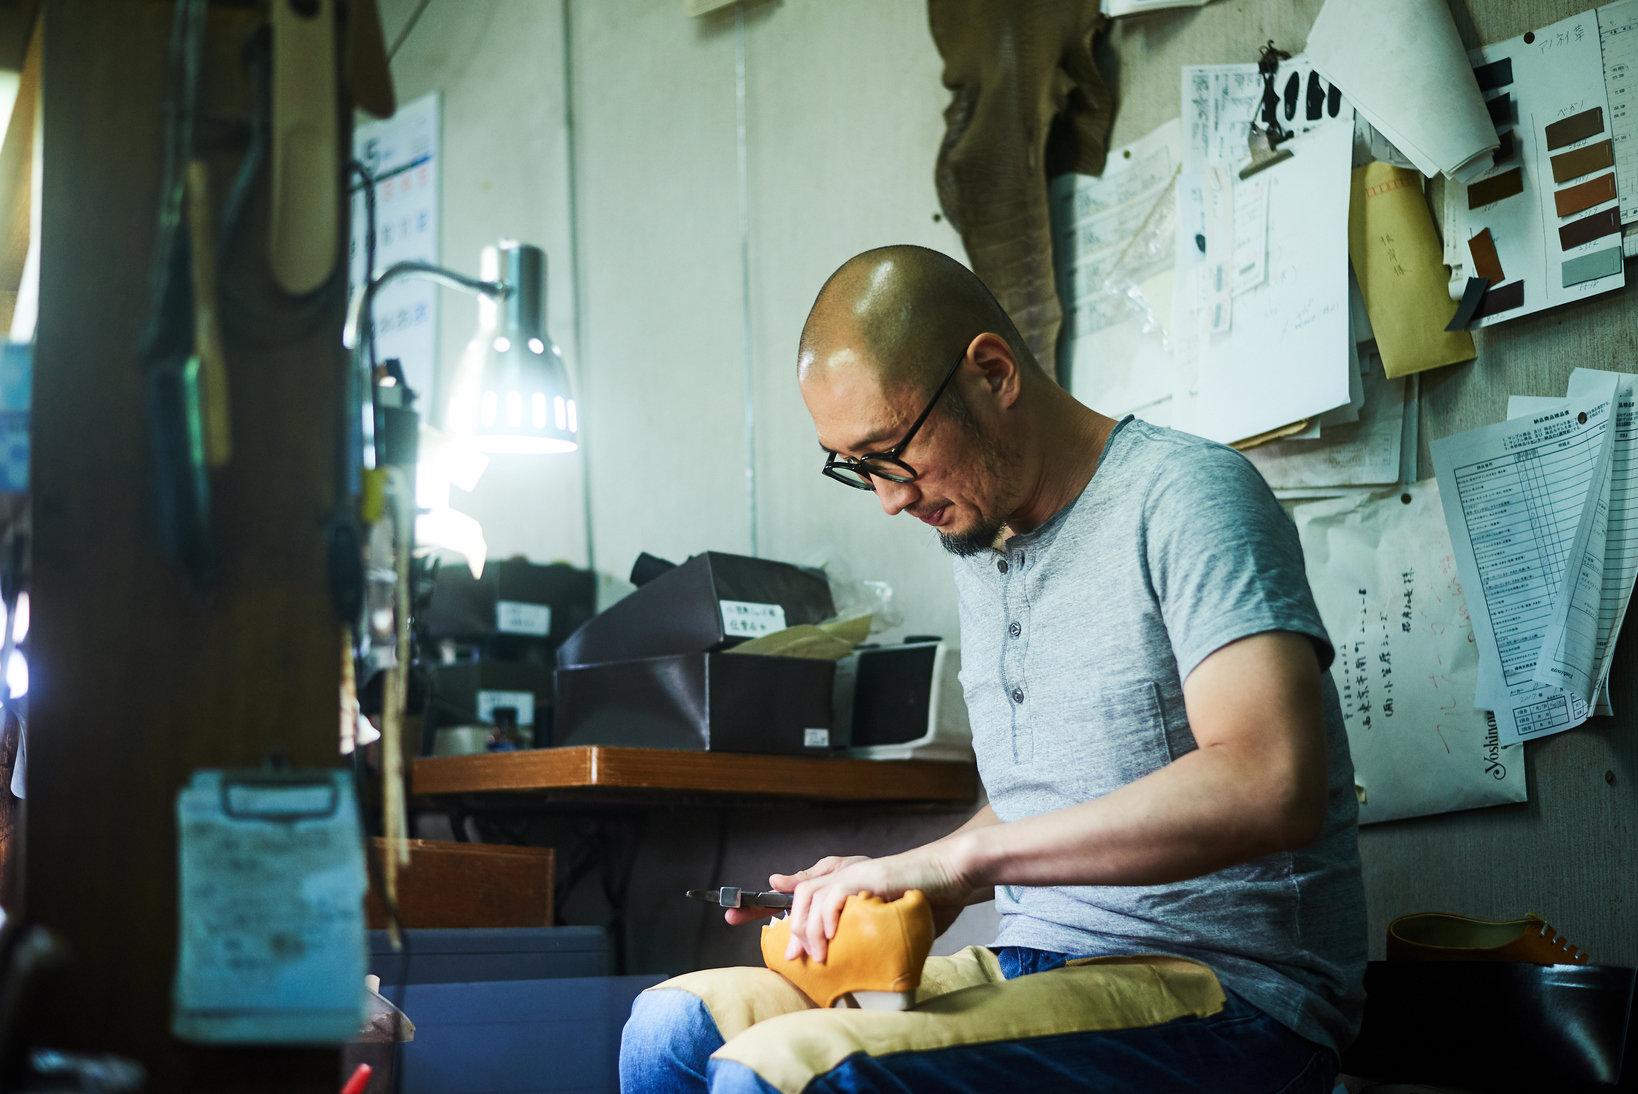 社長になった今でも、根岸氏は企画や素材の調達だけでなく、もちろん靴の製造にも従来通り日頃から取り組んでいる。